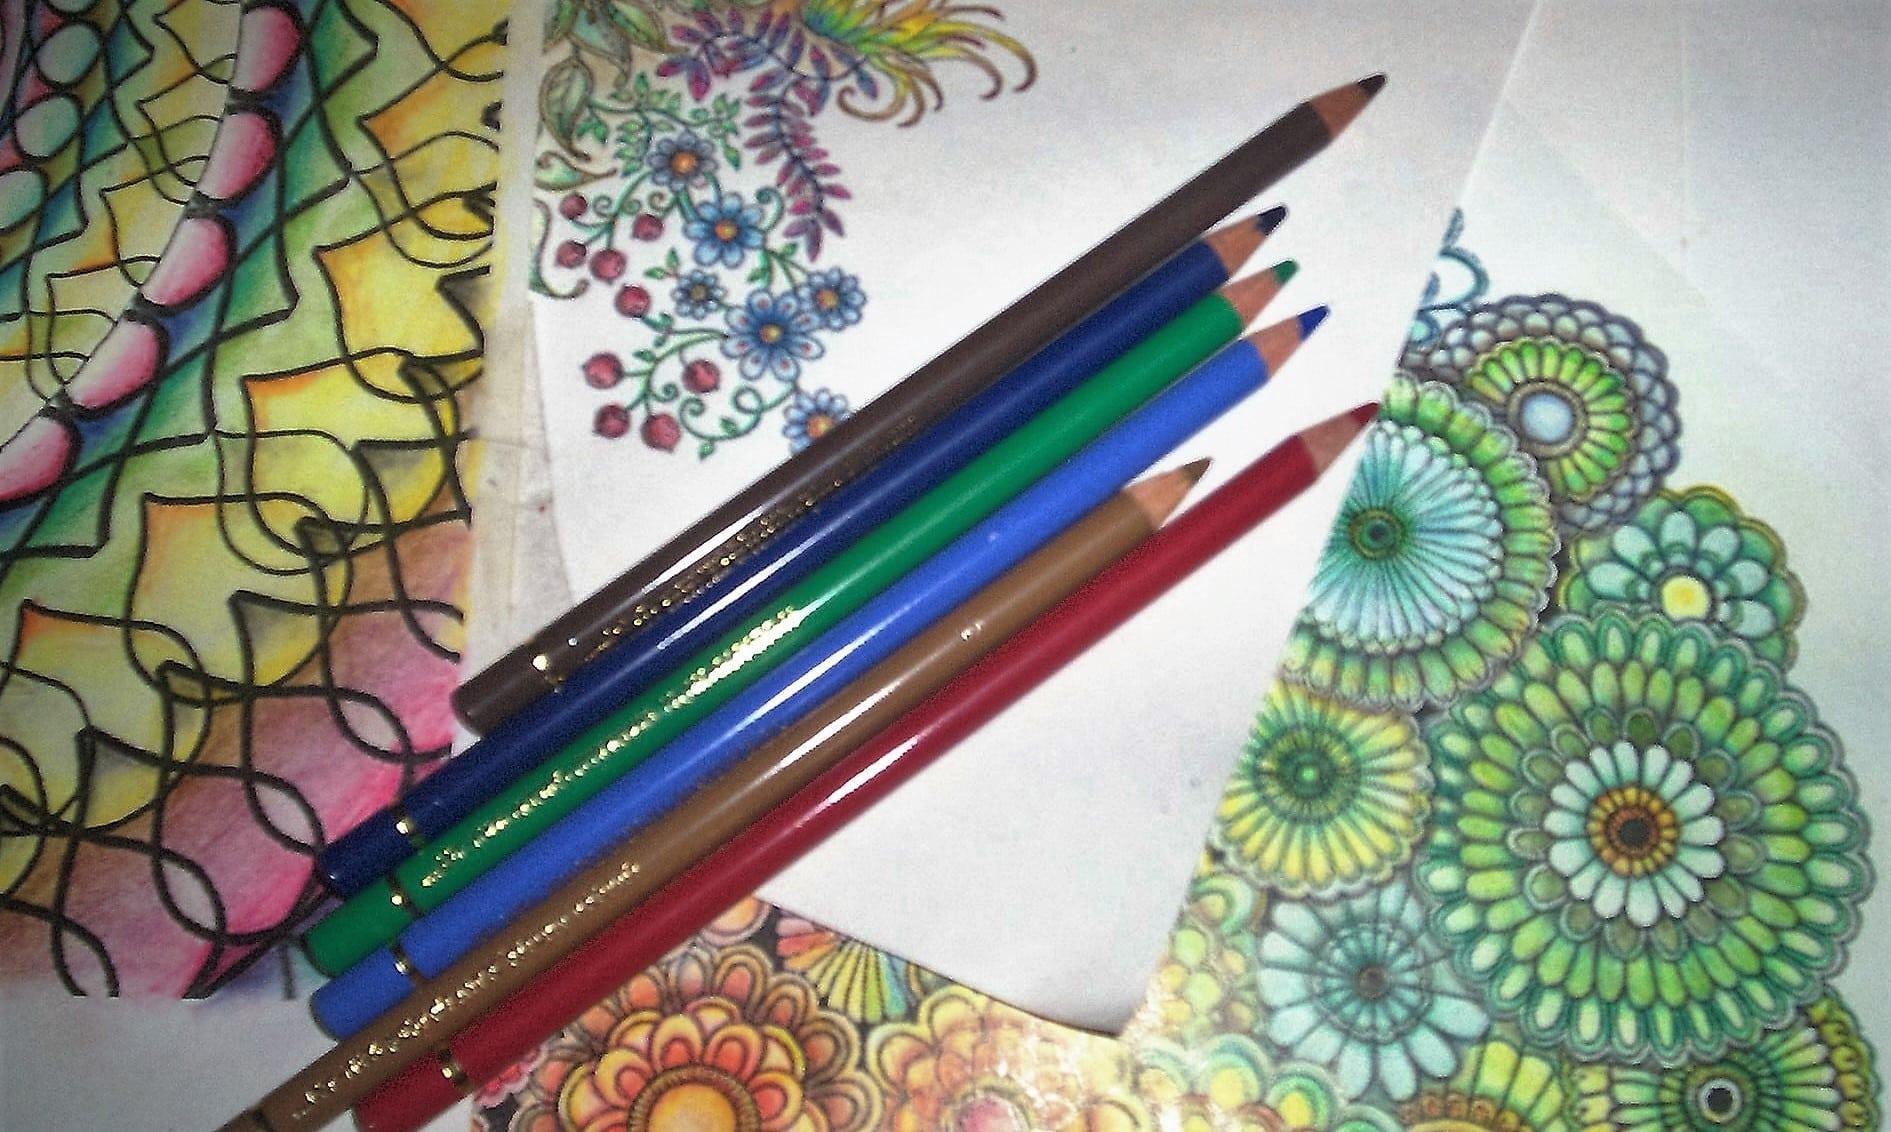 Bonito Colorear Lápices De Colores Ornamento - Dibujos Para Colorear ...